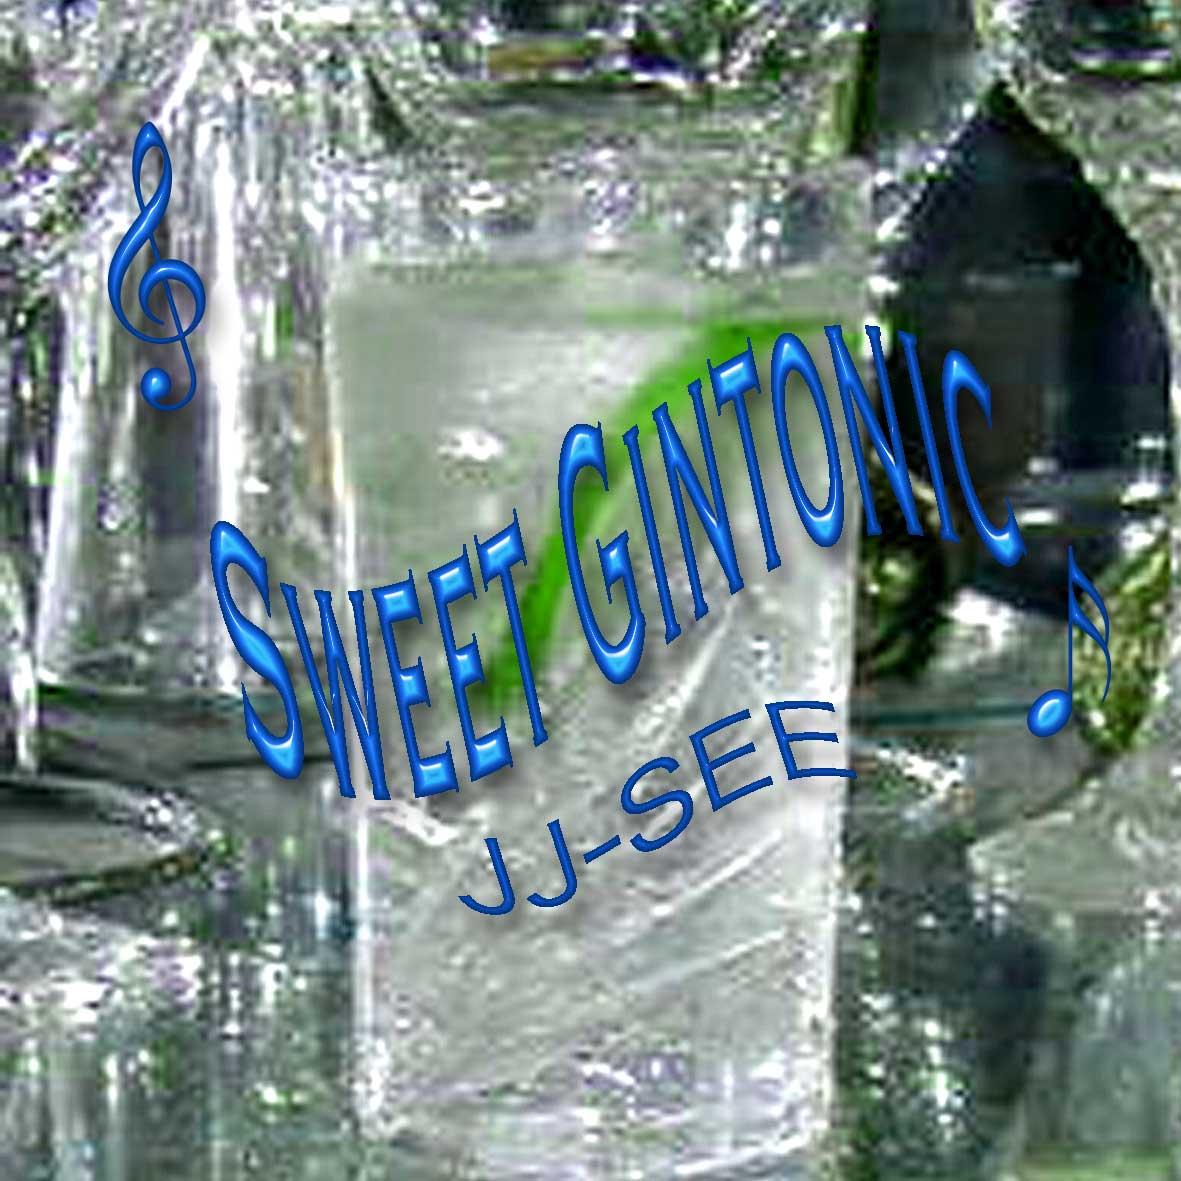 Sweet Gintonic